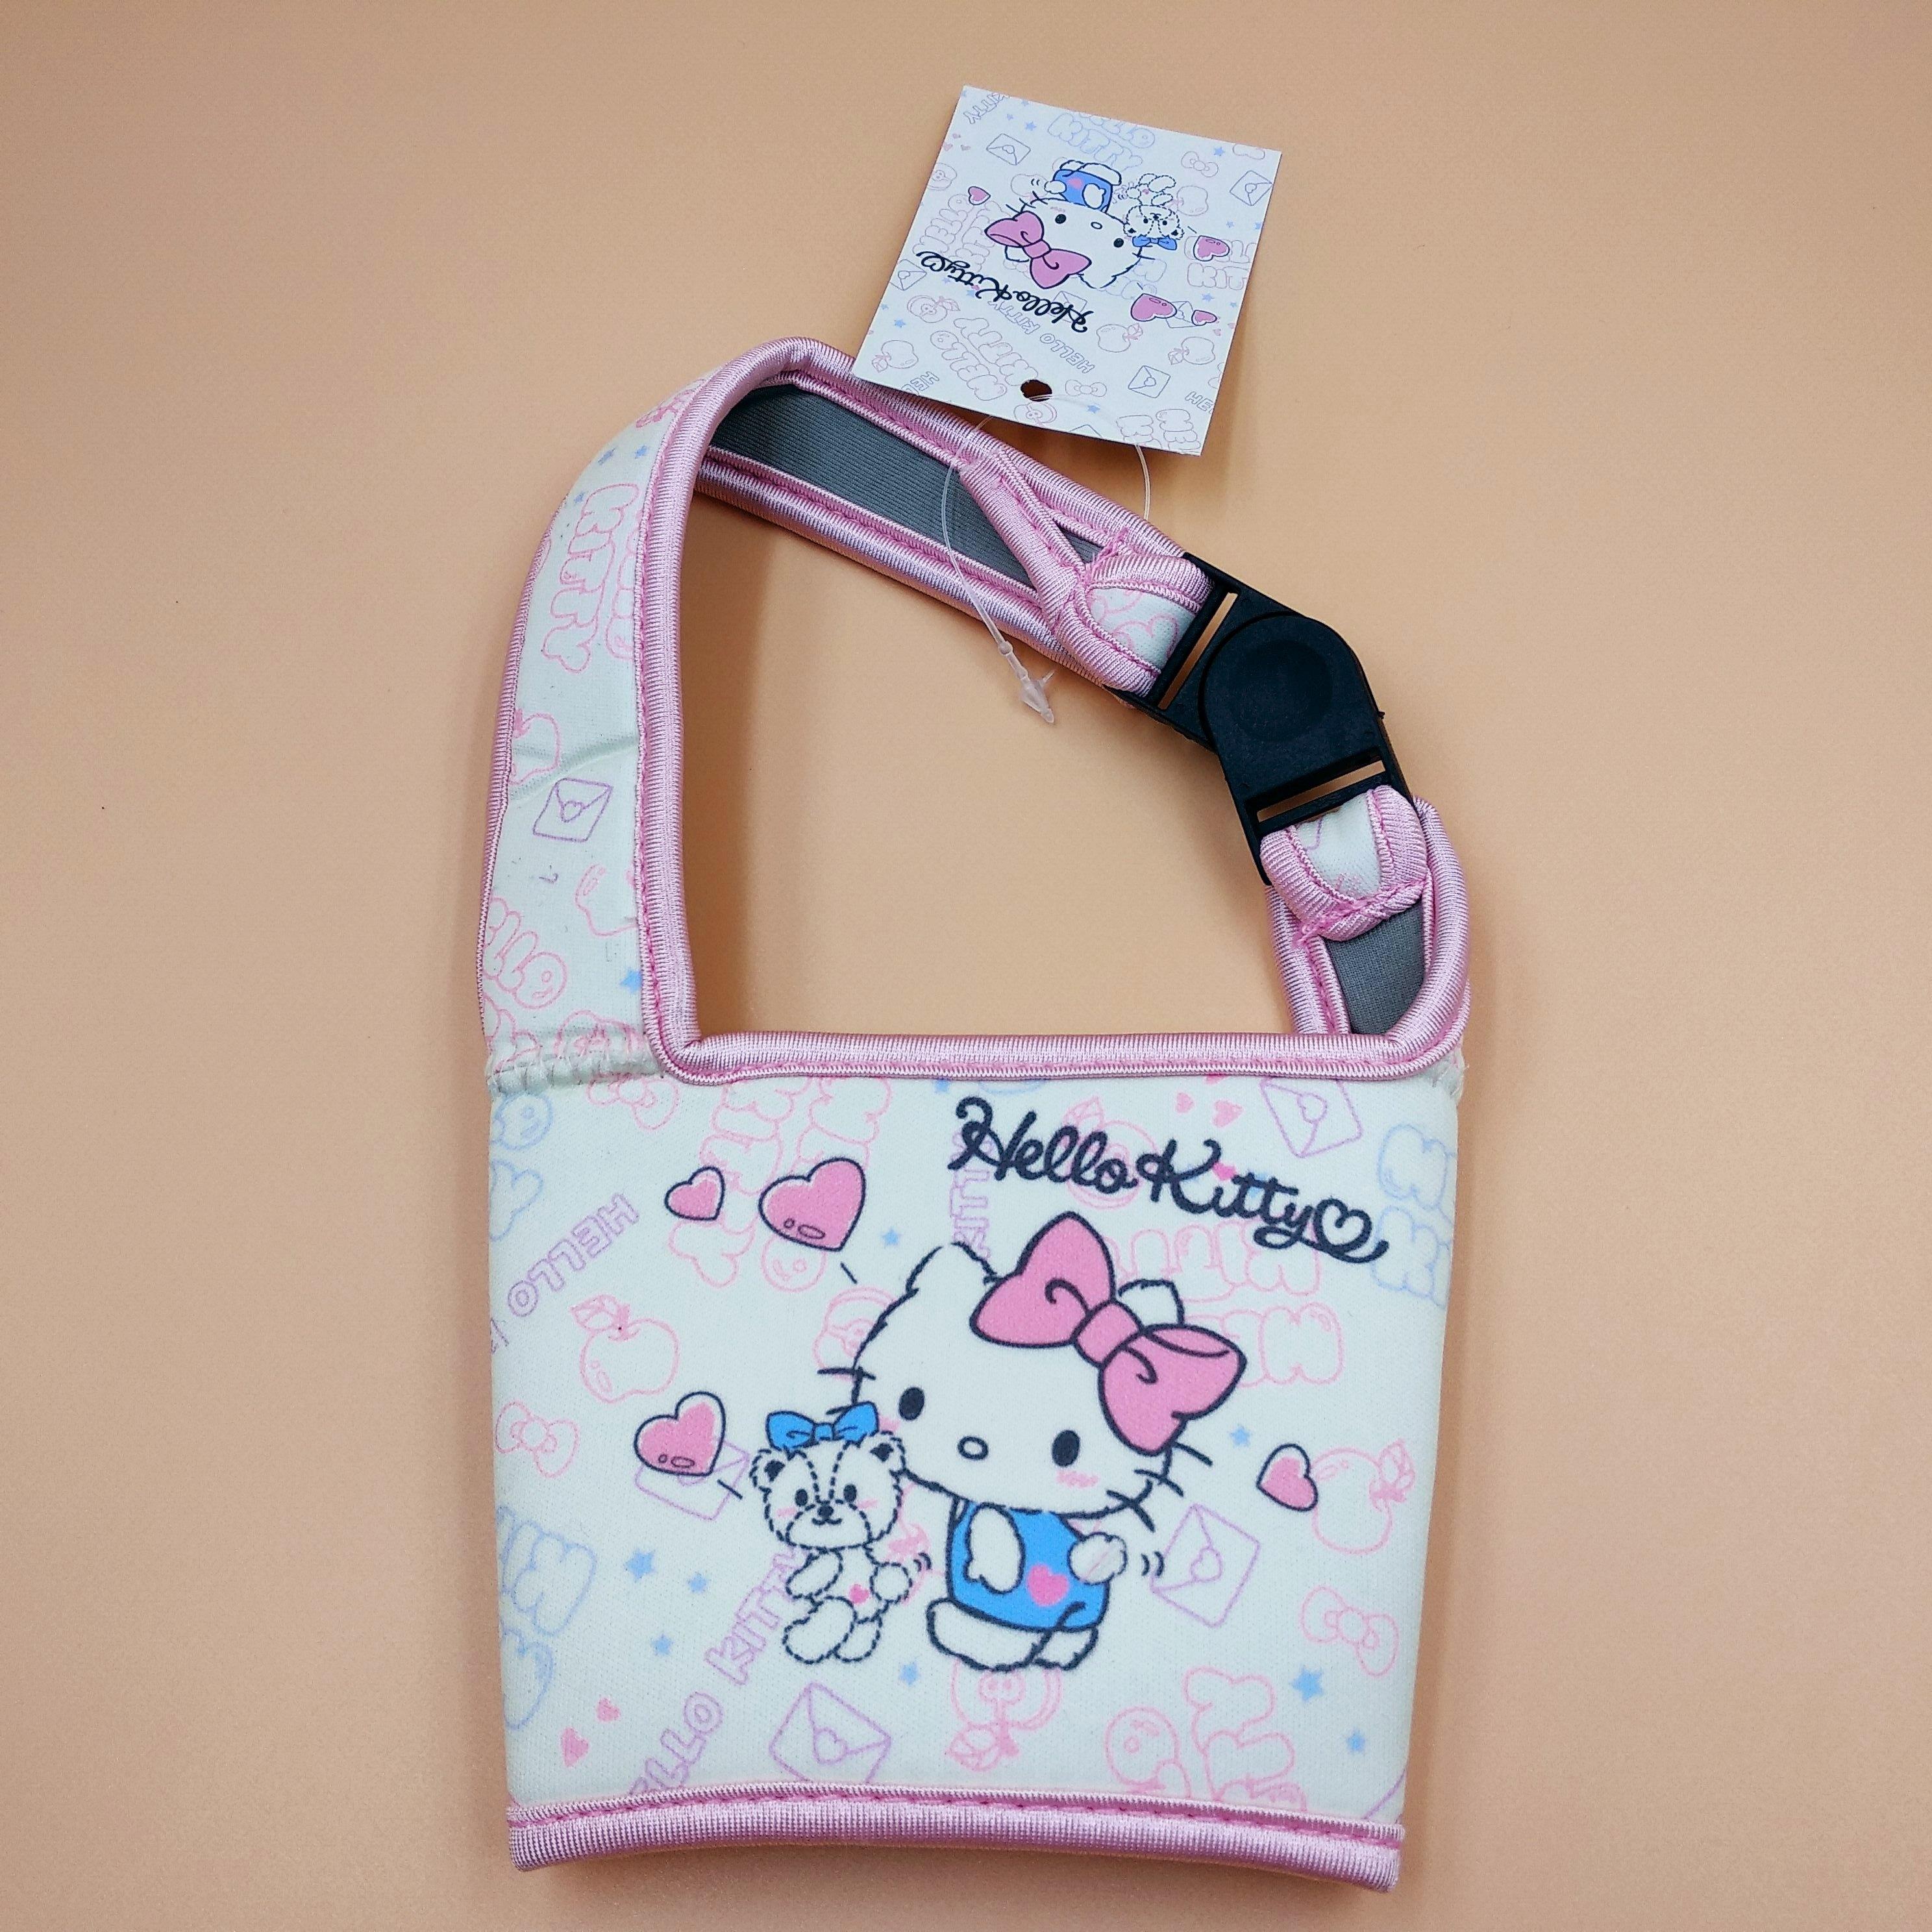 正版現貨 HELLO KITTY 環保飲料杯套袋 珍珠奶茶 咖啡杯 卡扣式 手提飲料袋